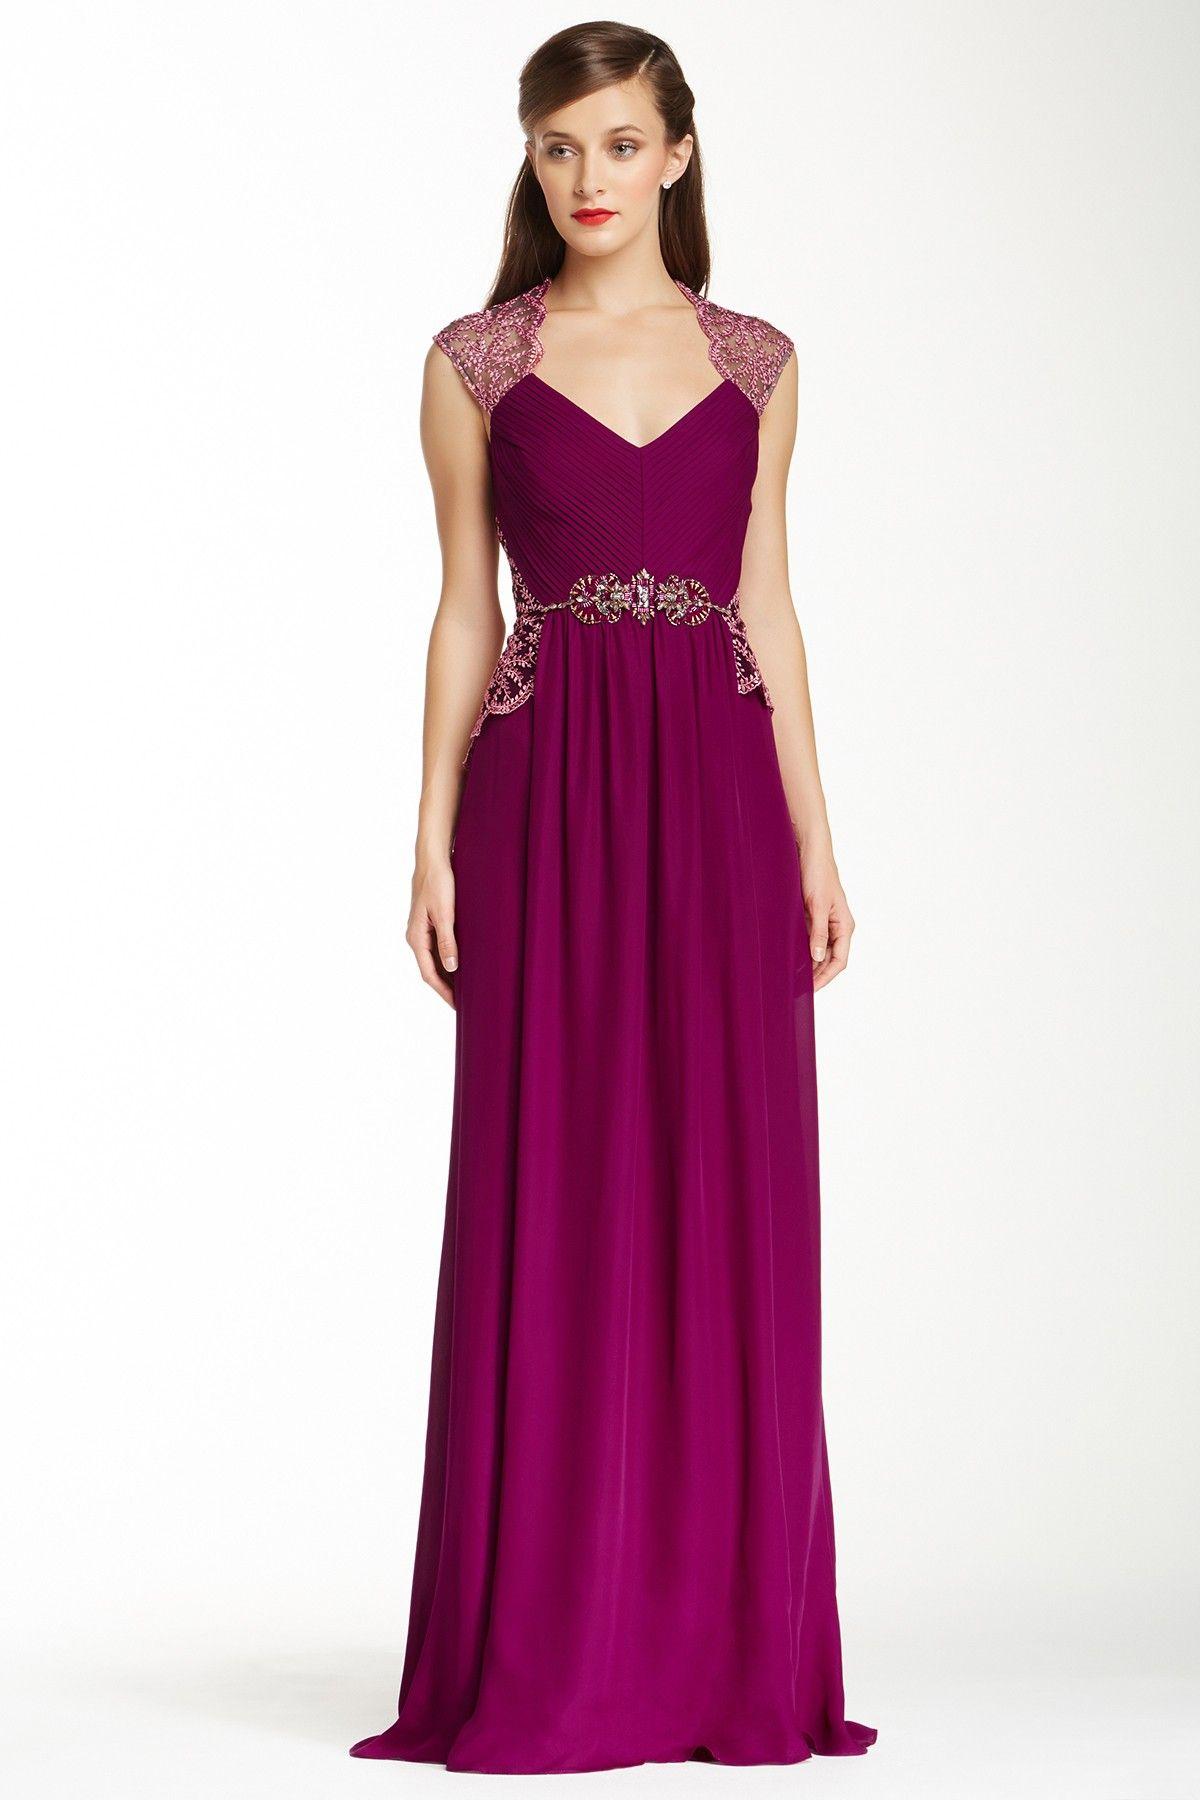 Pin de Admirable Jewels en Bridal/Bridesmaid Dresses | Pinterest